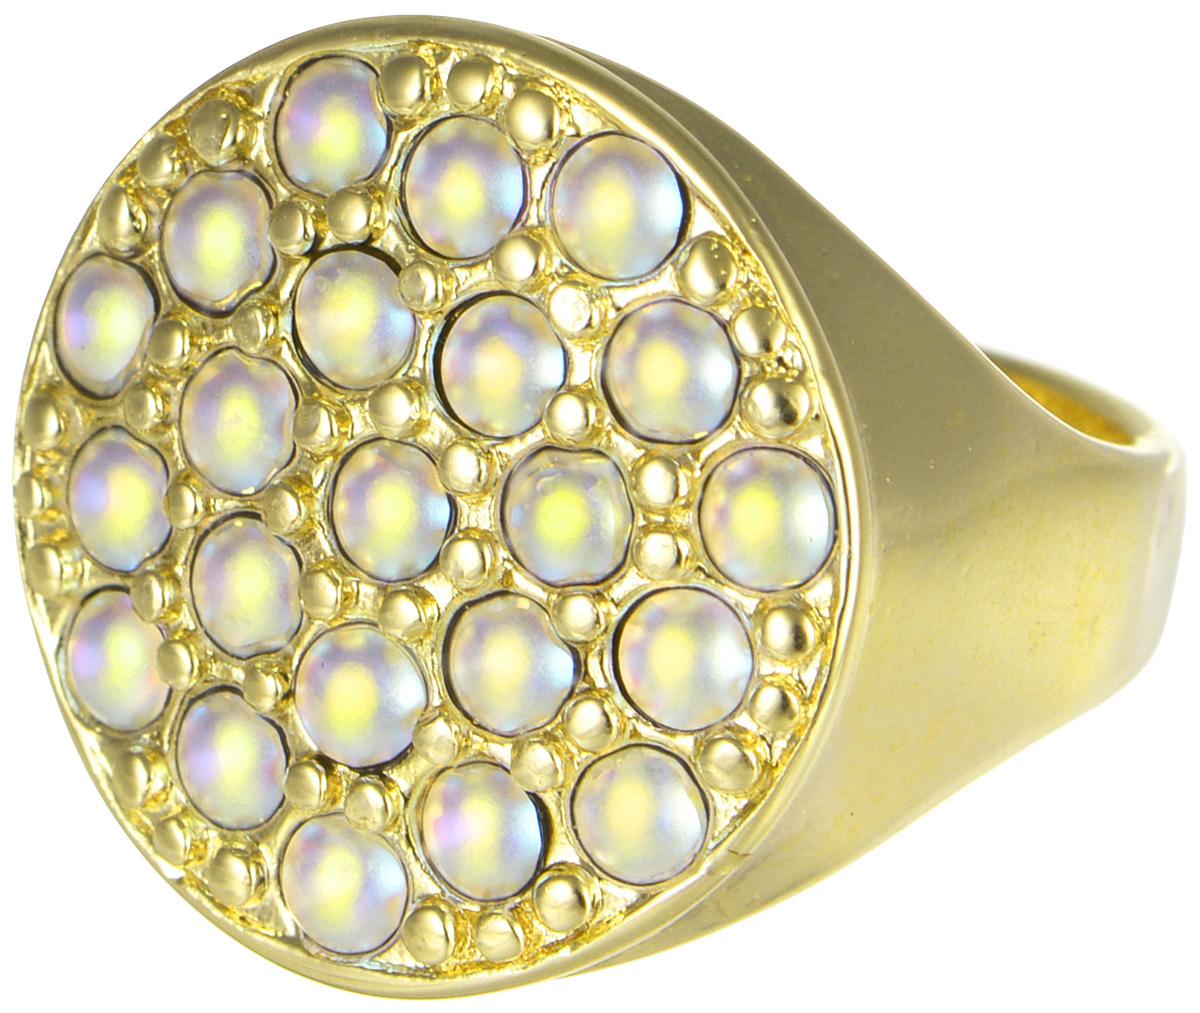 Кольцо Jenavi Франциска. Лош, цвет: золотой, мультиколор. j724p070. Размер 18Коктейльное кольцоКольцо Jenavi Лош из коллекции Франциска изготовлено из гипоаллергенного ювелирного сплава с позолотой и украшено радужными кристаллами Swarovski. Очарованию этого аксессуара невозможно противостоять. Это позолоченное кольцо станет прекрасным аксессуаром для современной модницы, которая любит демонстрировать передовые взгляды и надевать самые актуальные украшения.